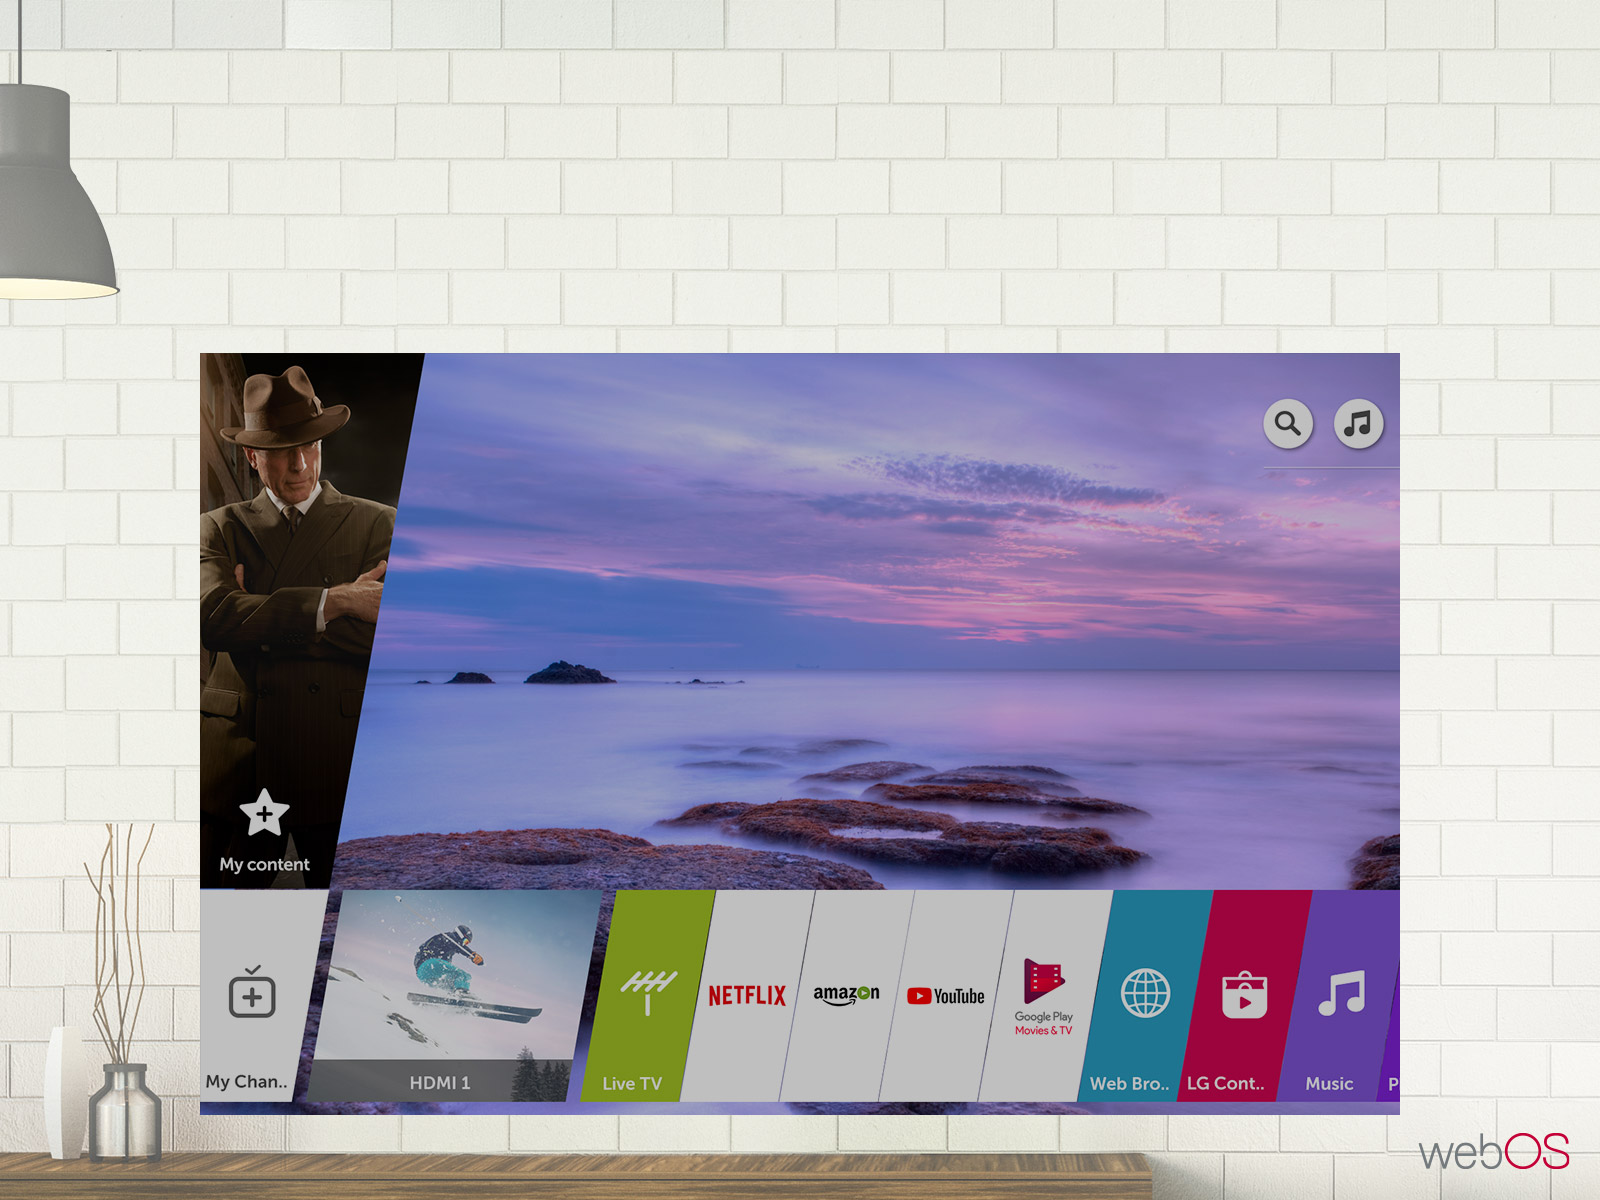 قیمت تلویزیون 75 اینچ و 4K ال جی مدل 75UK7000جی مدل 70UK7000